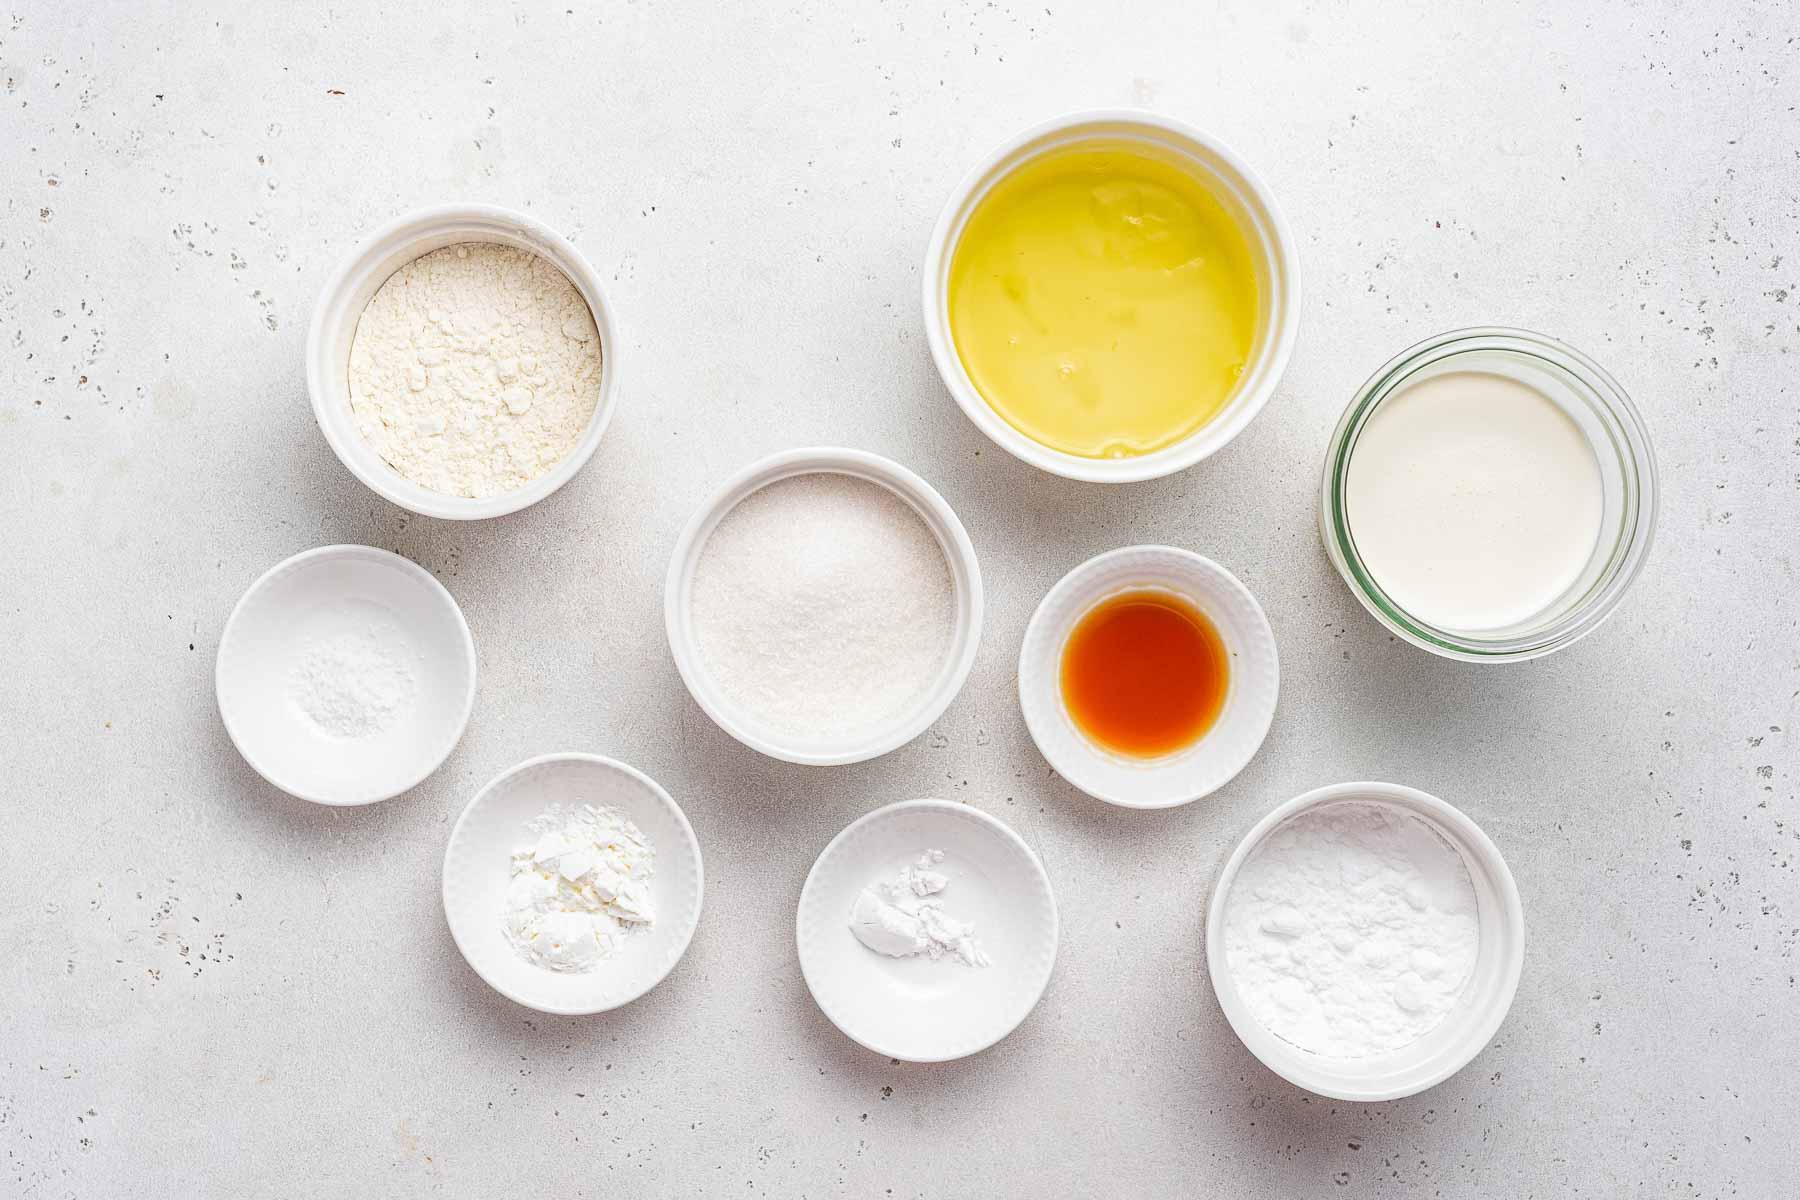 Ingredients for angel food cupcakes.